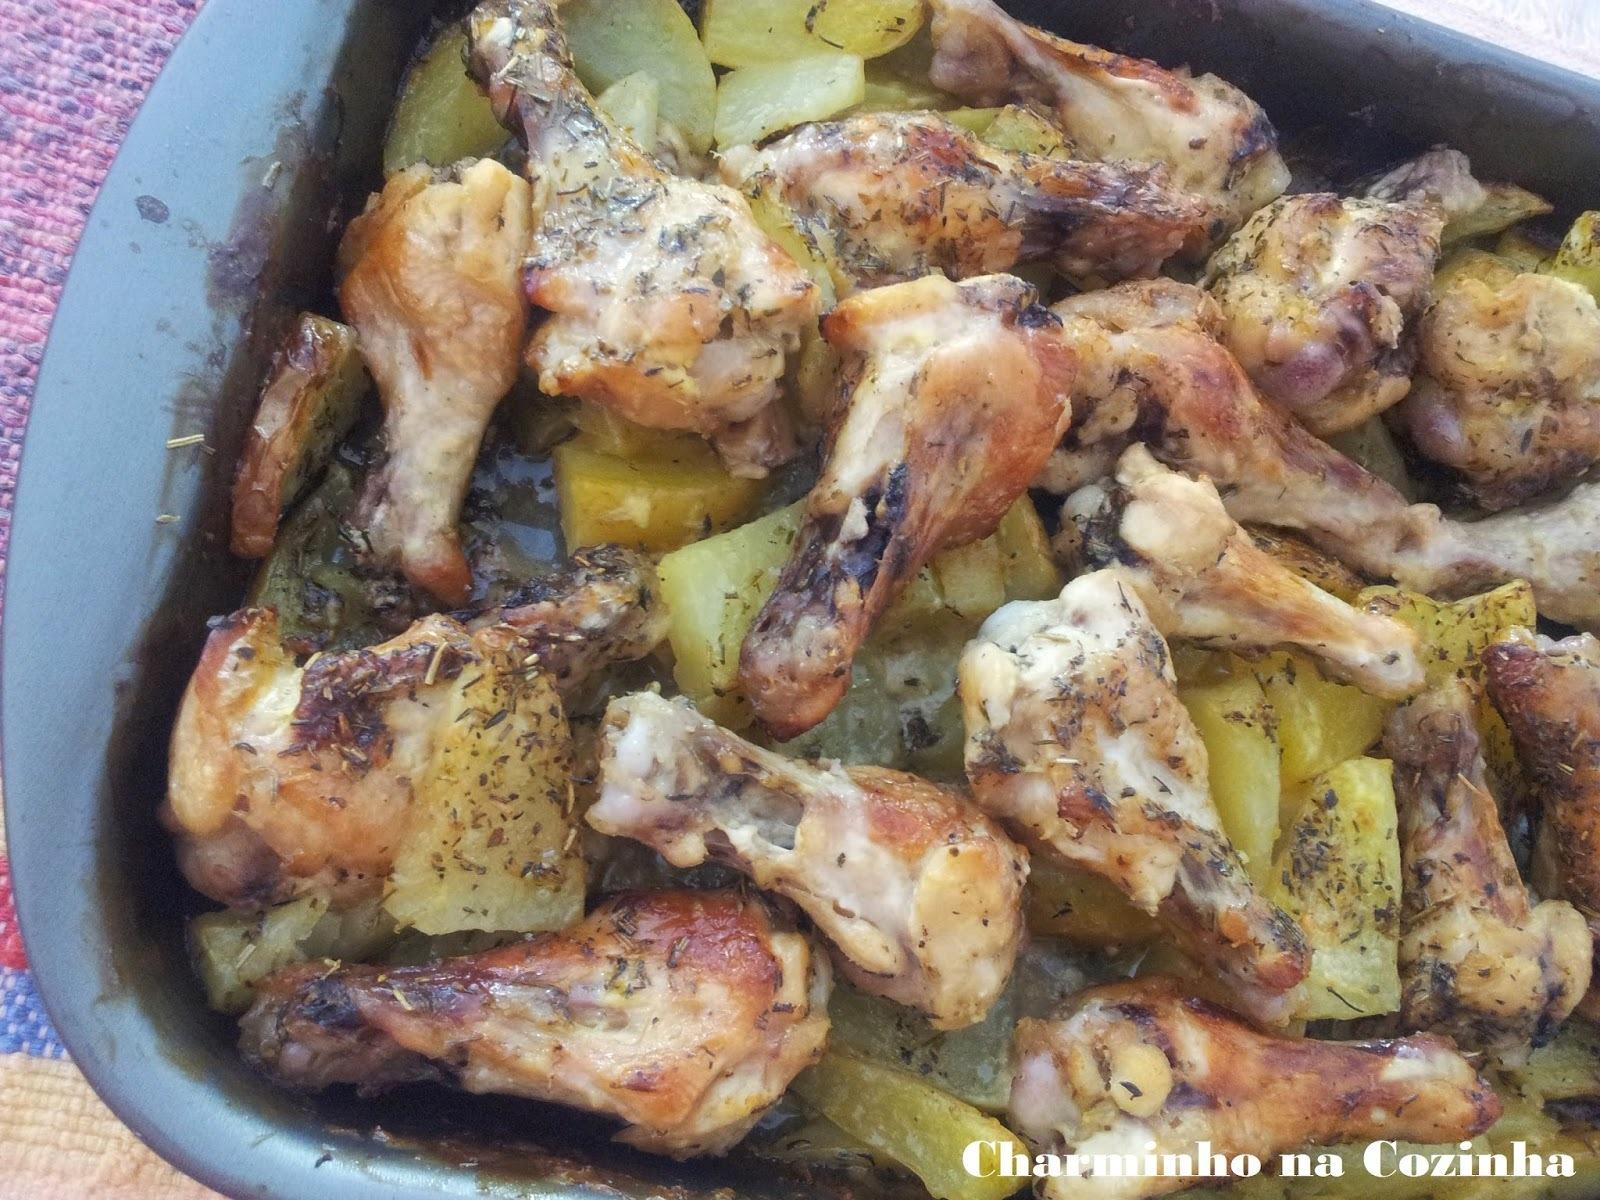 Coxinhas de frango assadas com batatas e ervas